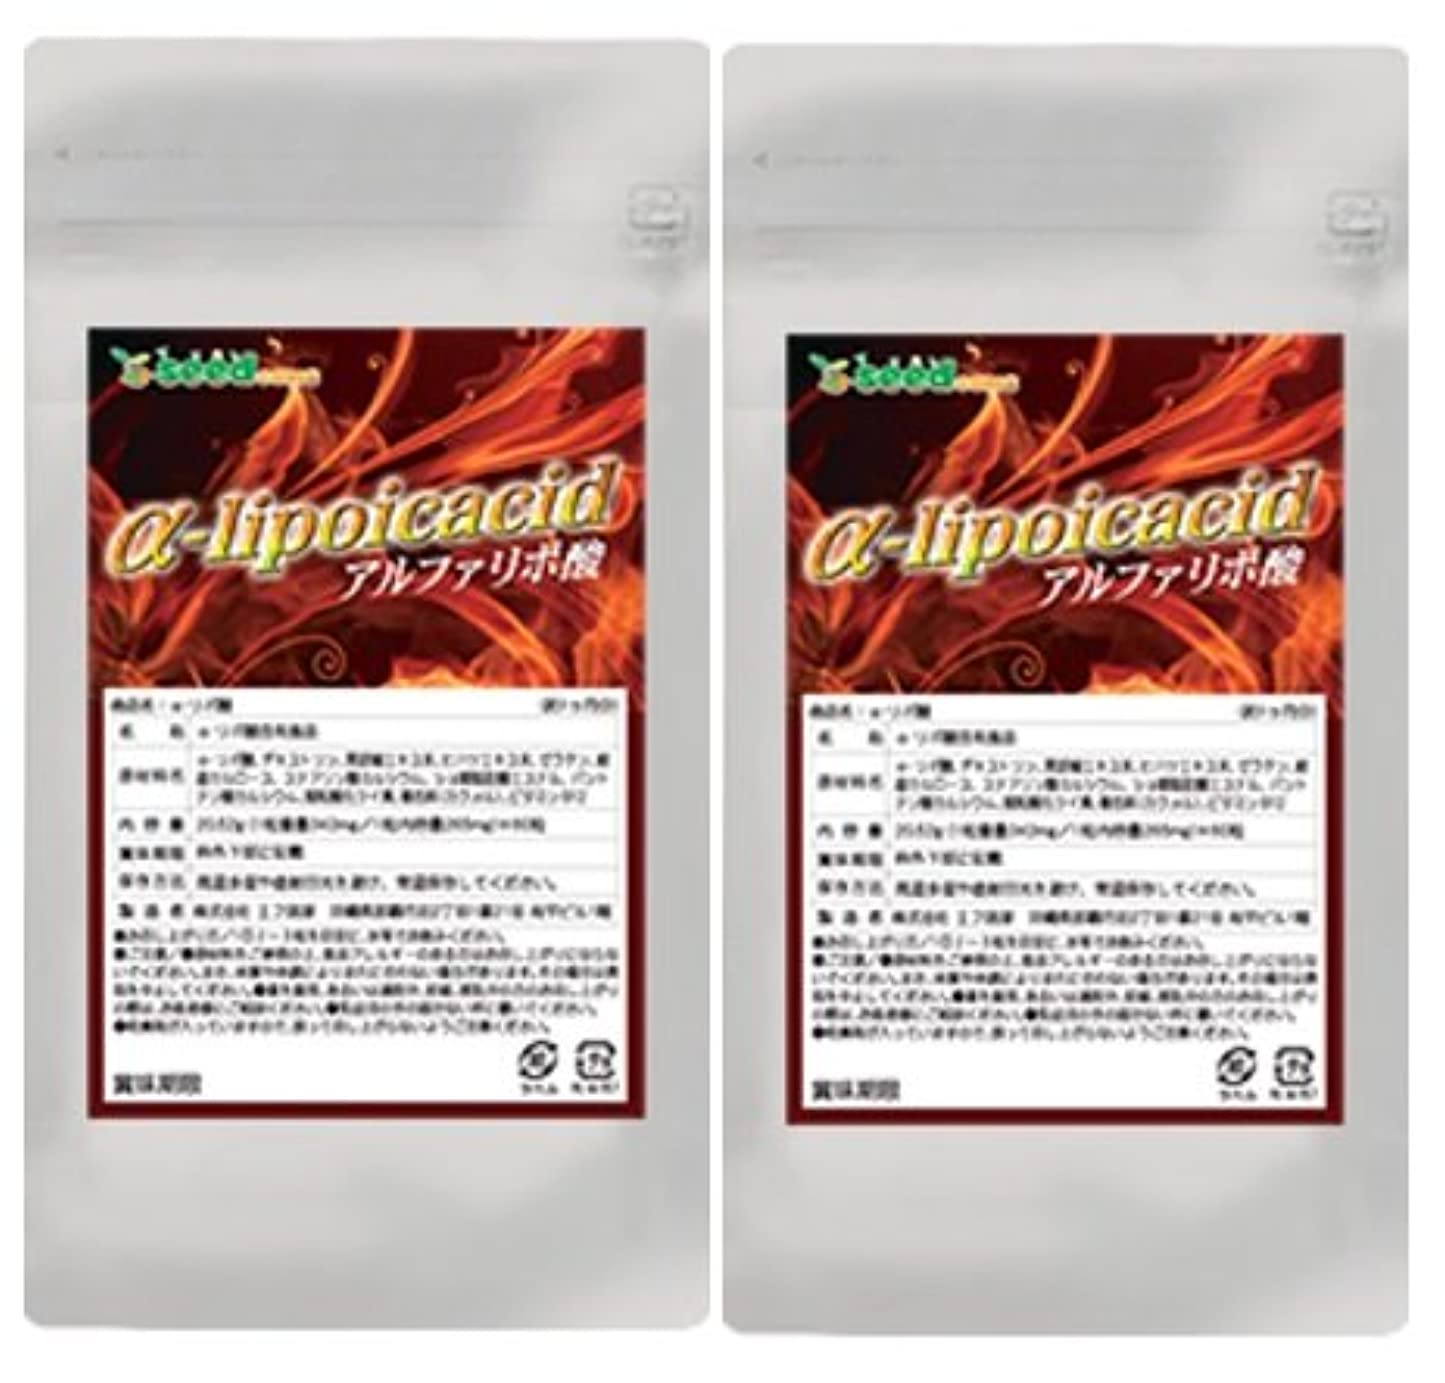 に沿って商品アロングα-リポ酸 (燃焼系ダイエットのサポート) (約6ケ月分)